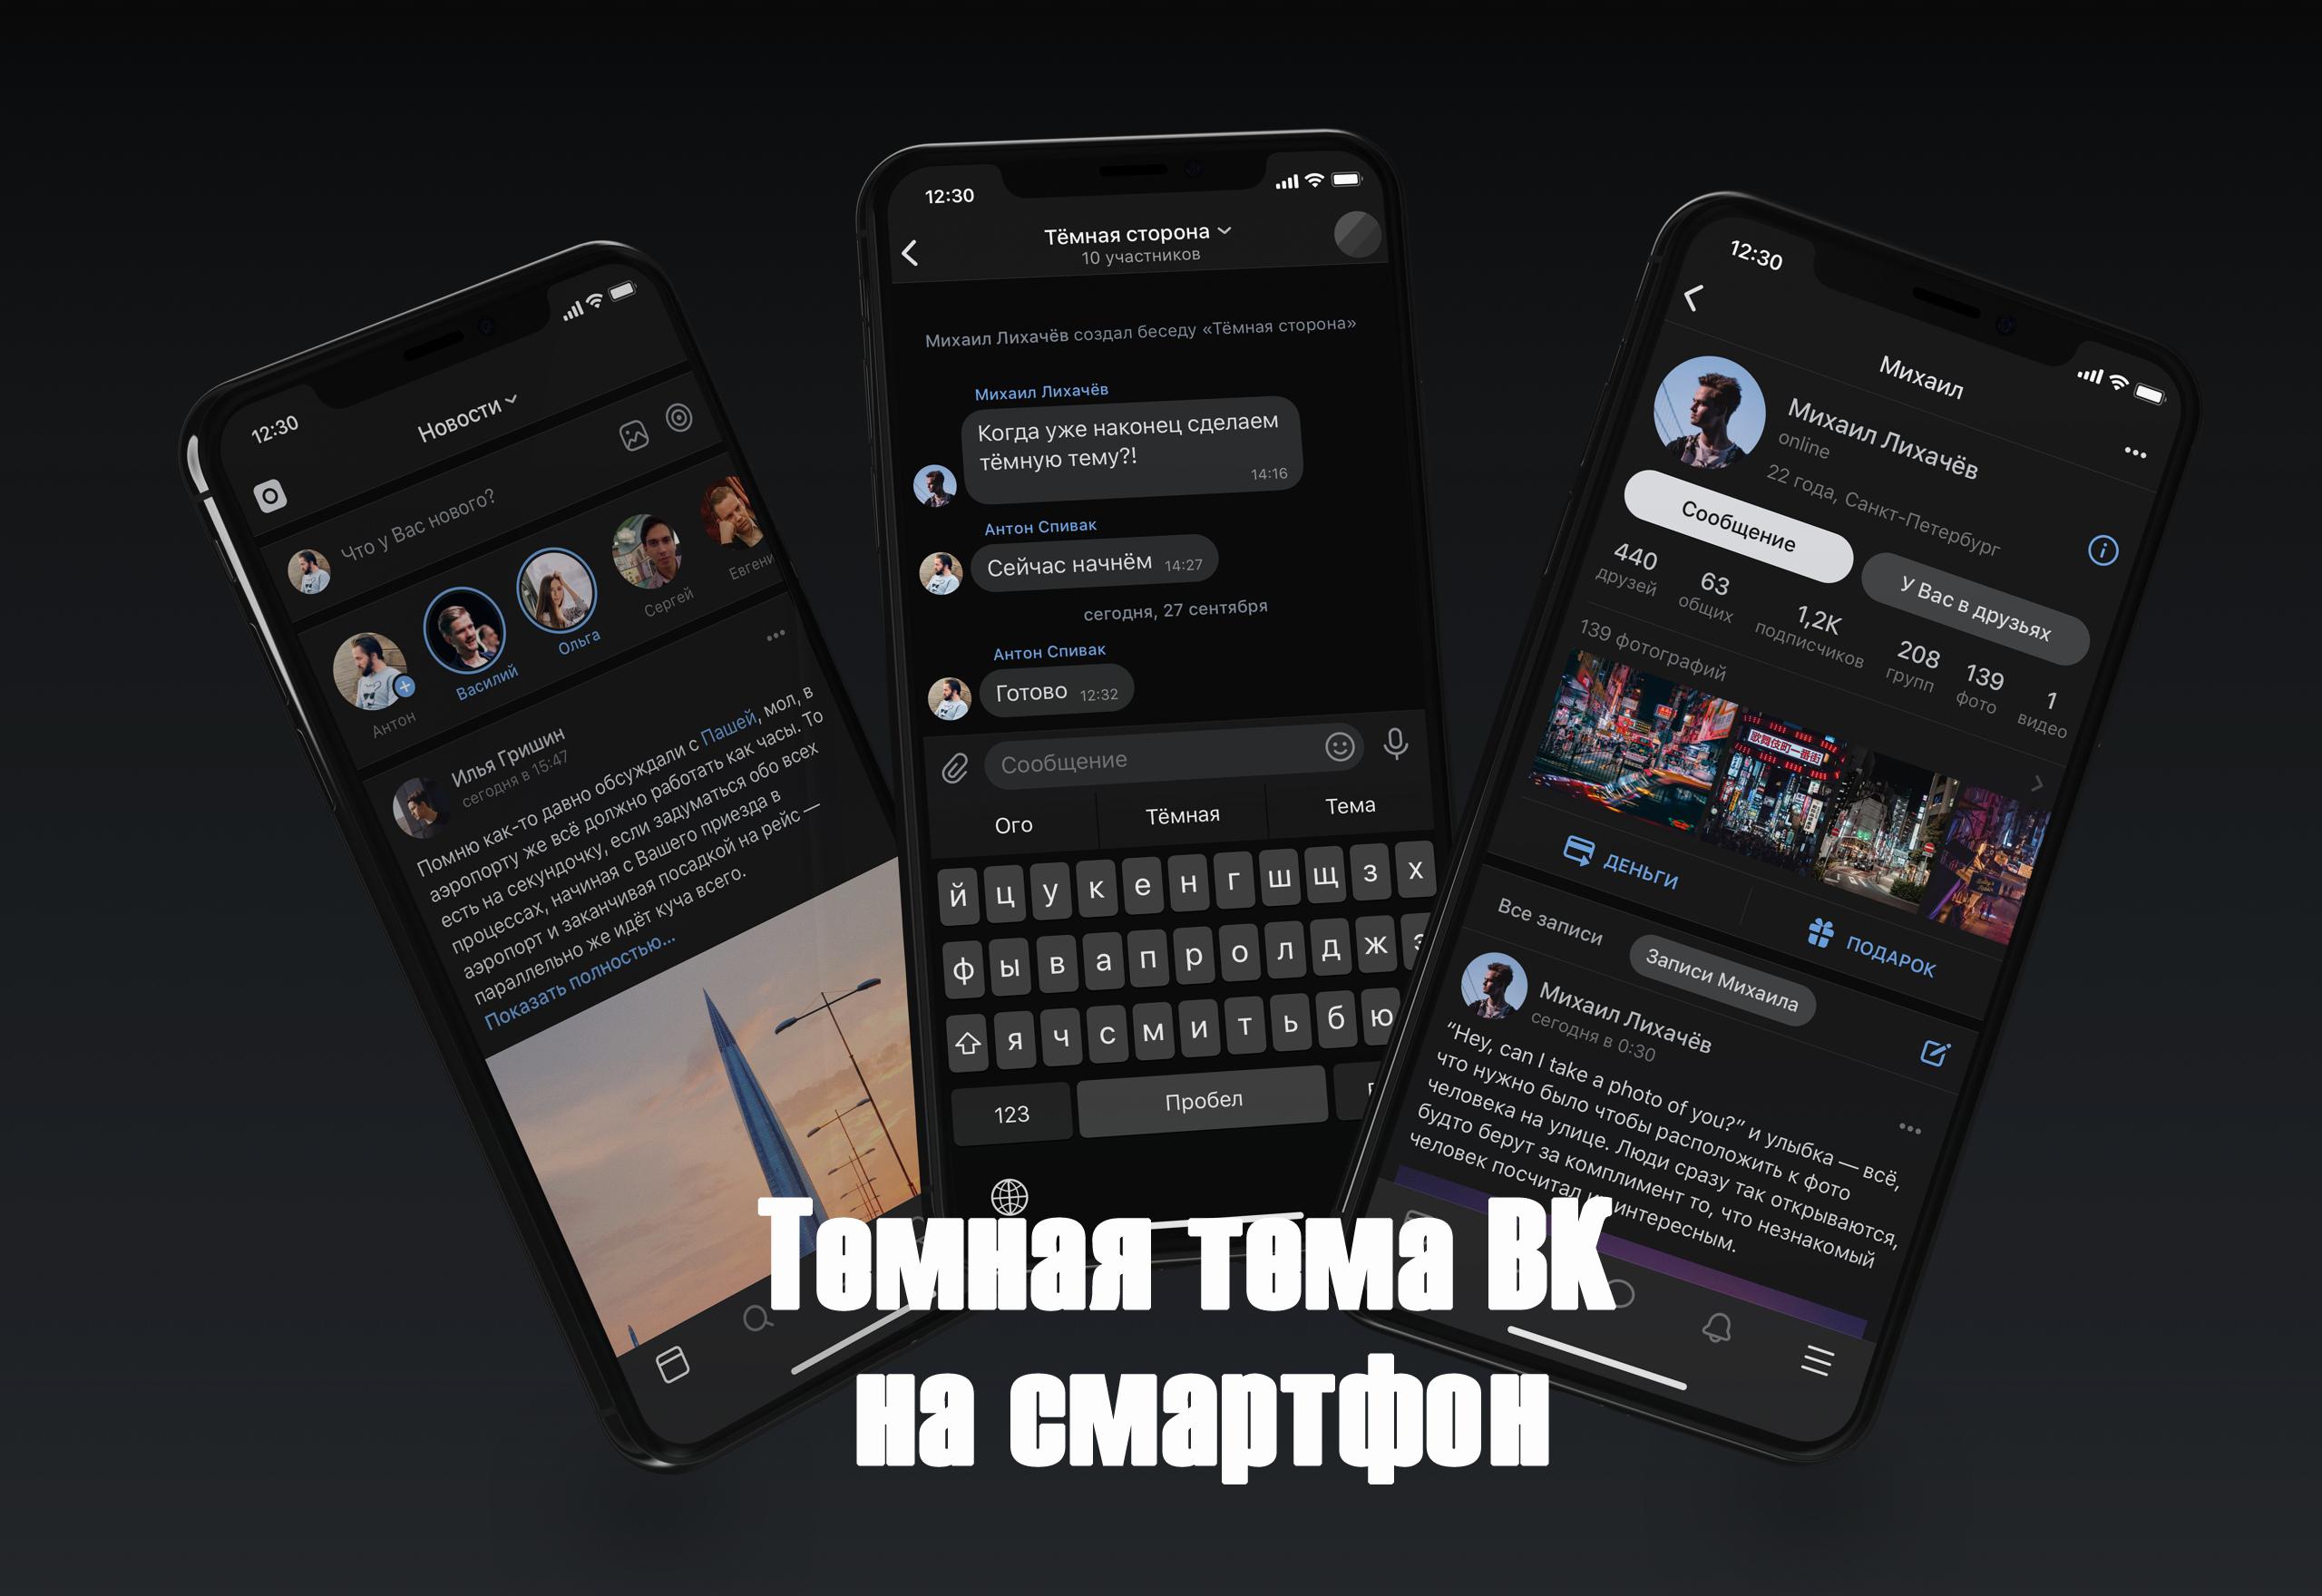 Иллюстрация на тему Темная тема ВК: способы сделать ночной режим на компьютере и телефоне